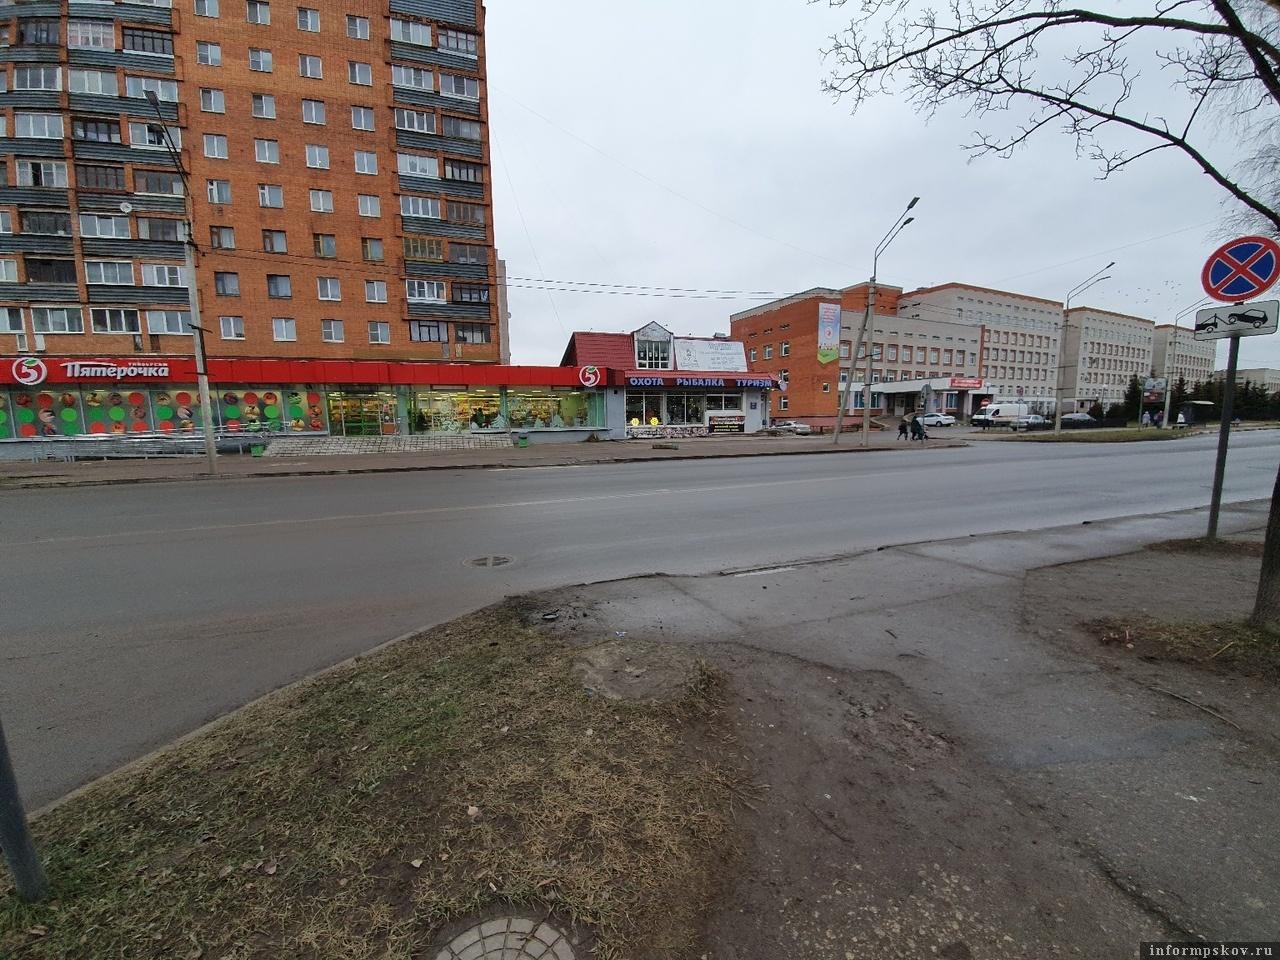 Фото из группы «Убитые дороги Пскова» в социальной сети «ВКонтакте».